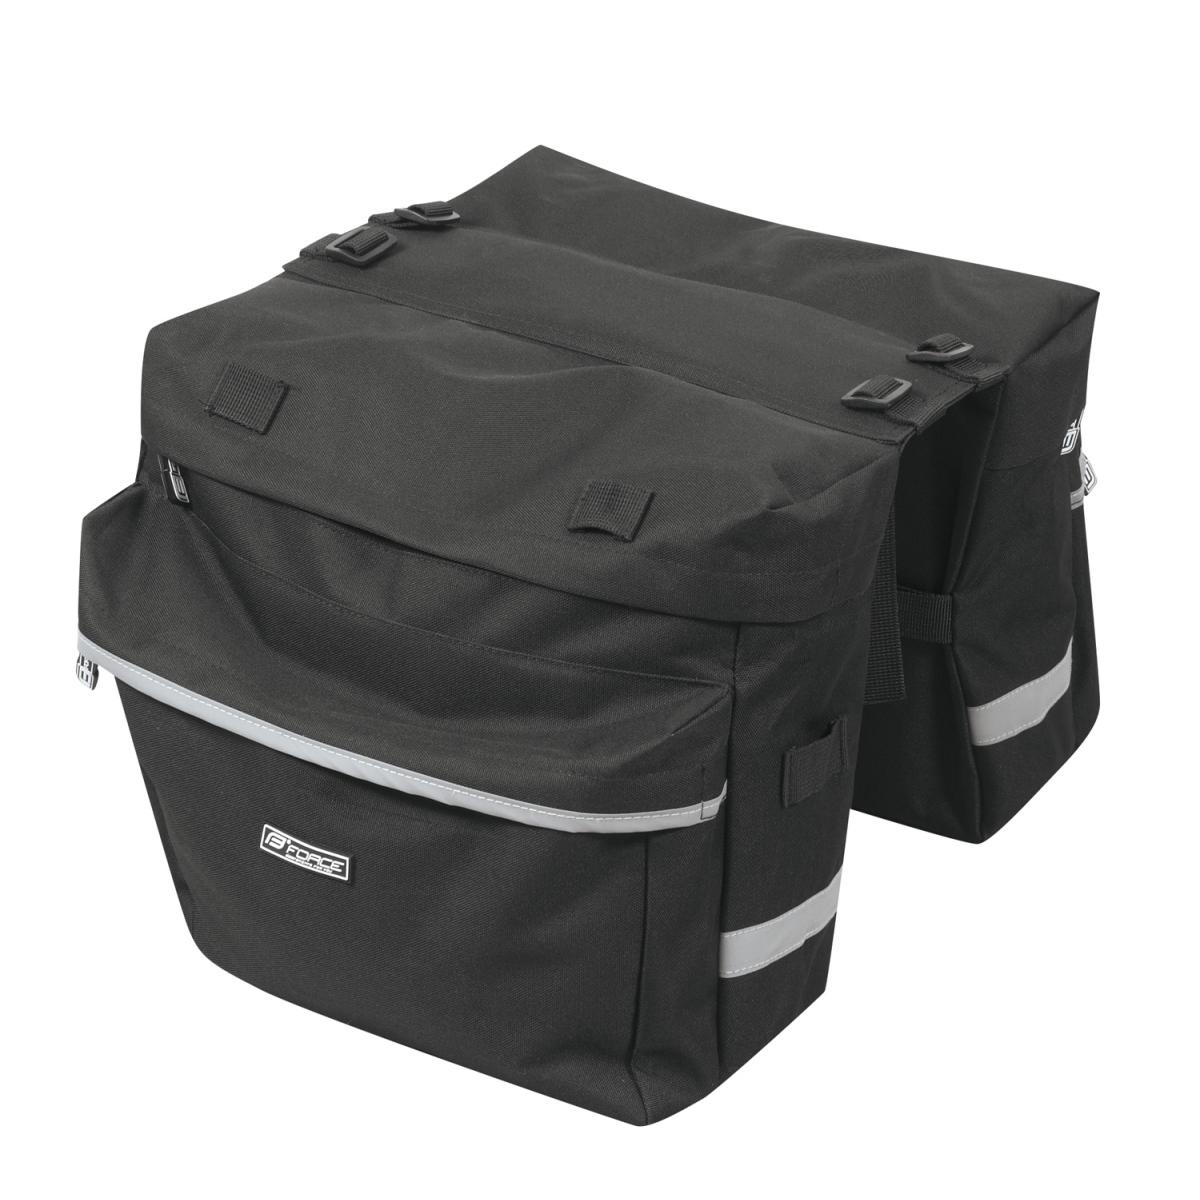 Brašna FORCE DOUBLE dvojbrašna na zadní nosič 2x10L - černá